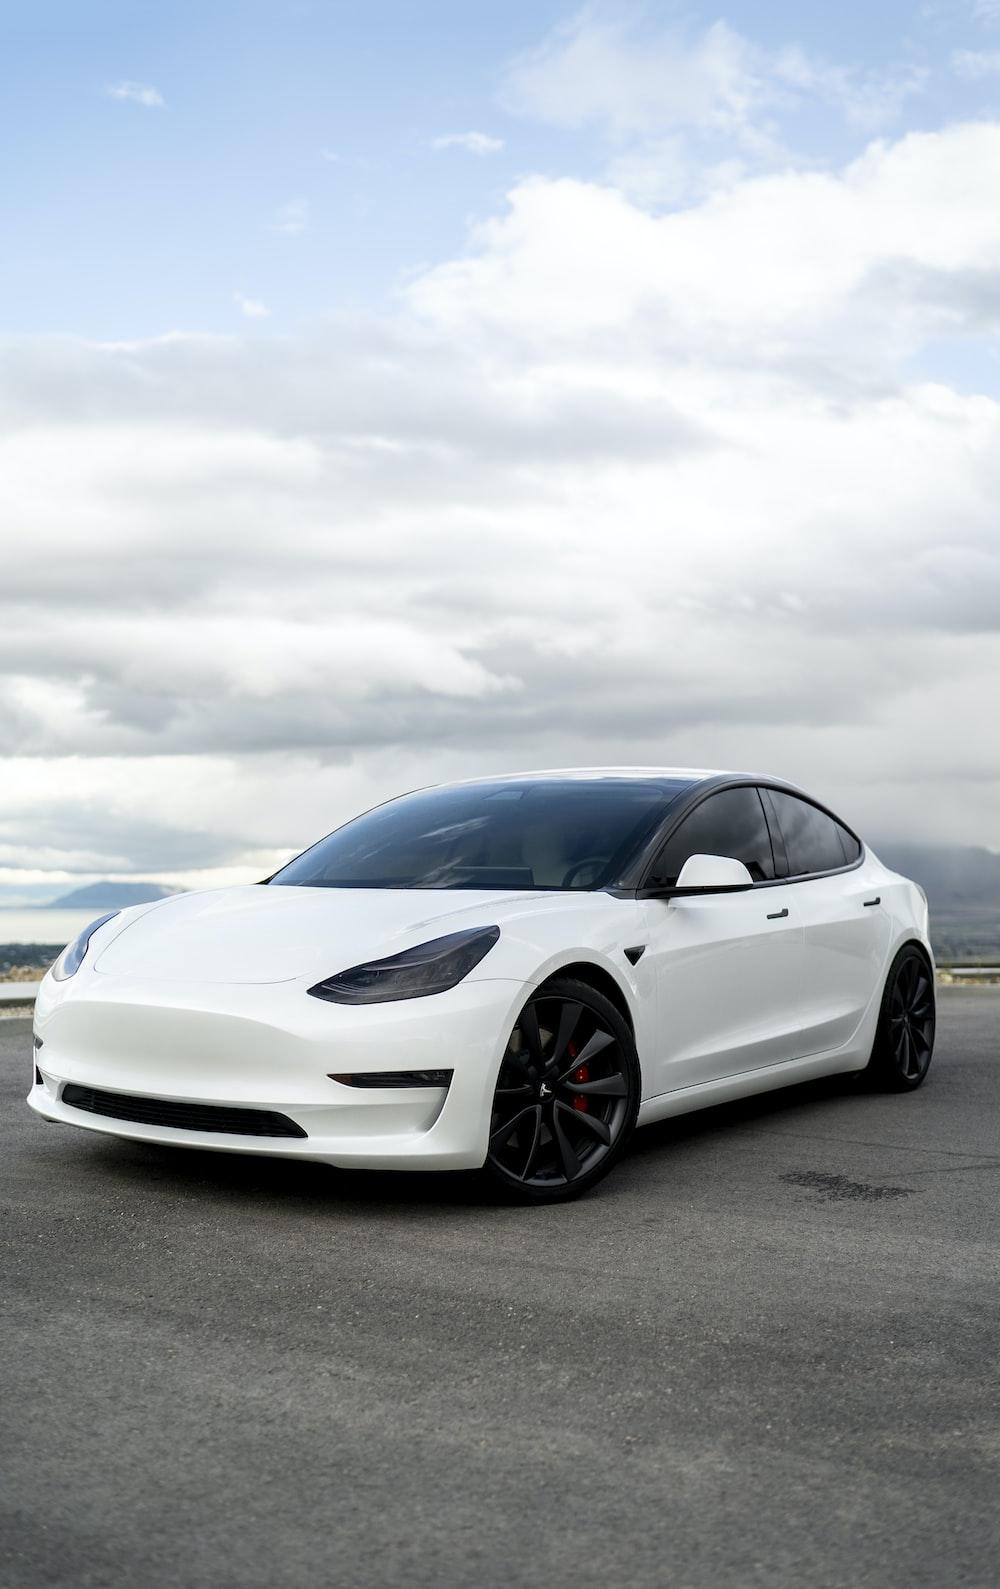 Tesla Model 3 Pictures Download Free Images On Unsplash